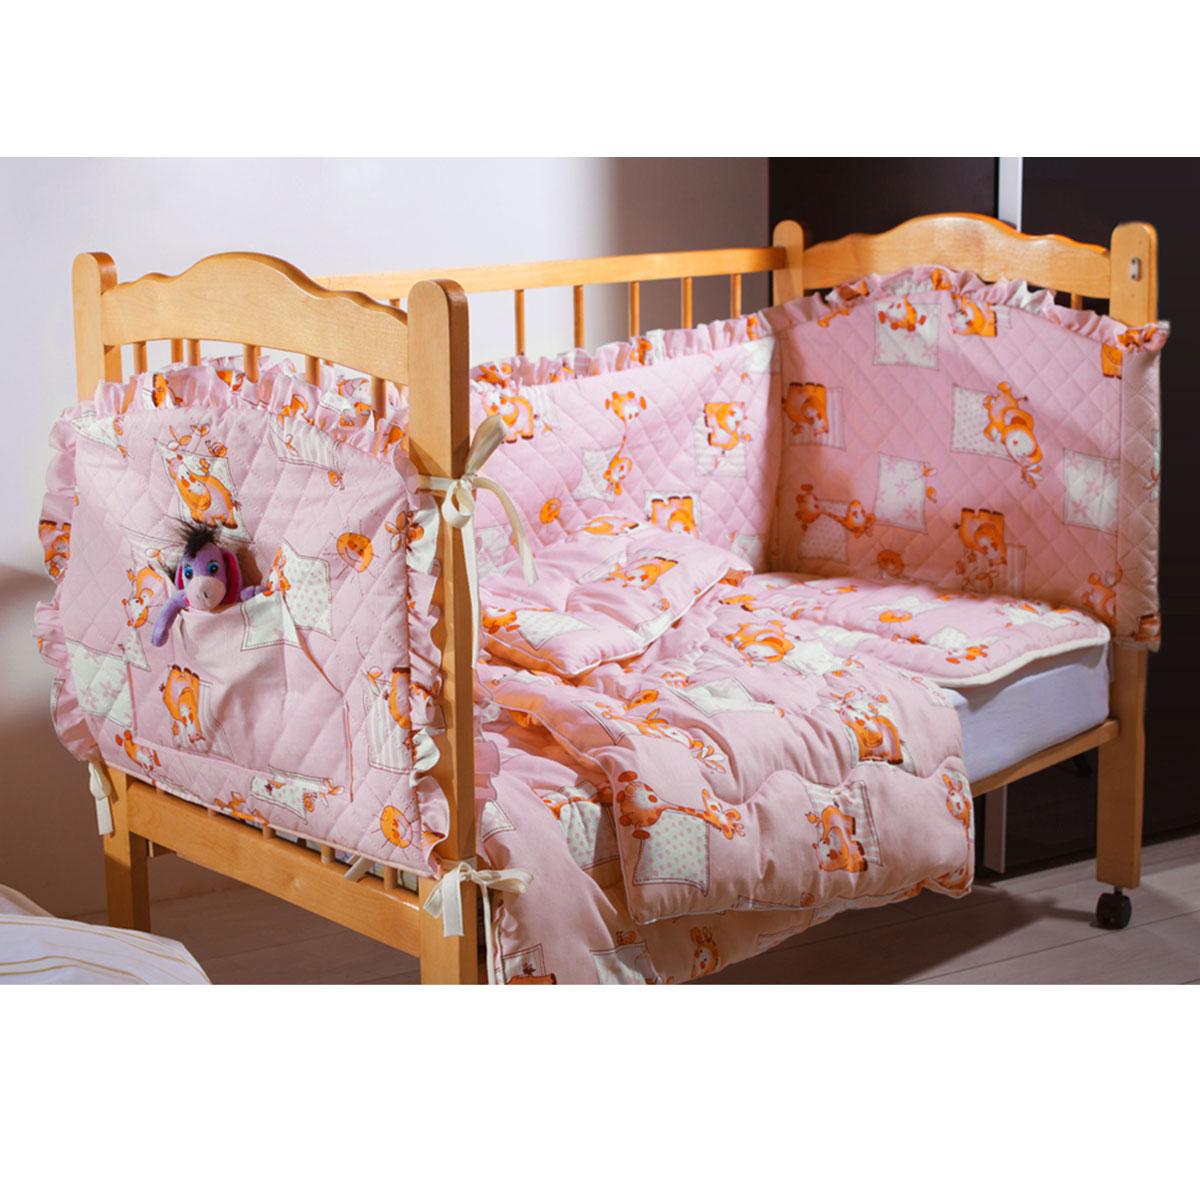 Комплект в кроватку Primavelle Кроха, цвет: розовый, 5 предметов. 601104005-26601104005-26Комплект в кроватку Primavelle Кроха прекрасно подойдет для кроватки вашего малыша, добавит комнате уюта и согреет в прохладные дни. В качестве материала верха использованы 70% хлопка и 30% полиэстера. Мягкая ткань не раздражает чувствительную и нежную кожу ребенка и хорошо вентилируется. Подушка и одеяло наполнены гипоаллергенным экофайбером, который не впитывает запах и пыль. В комплекте - удобный карман на кроватку для всех необходимых вещей.Очень важно, чтобы ваш малыш хорошо спал - это залог его здоровья, а значит вашего спокойствия. Комплект Primavelle Кроха идеально подойдет для кроватки вашего малыша. На нем ваш кроха будет спать здоровым и крепким сном.Комплектация:- бортик (150 см х 35 см); - простыня (120 см х 180 см);- подушка (40 см х 60 см);- одеяло (110 см х 140 см);- кармашек (60 см х 45 см).